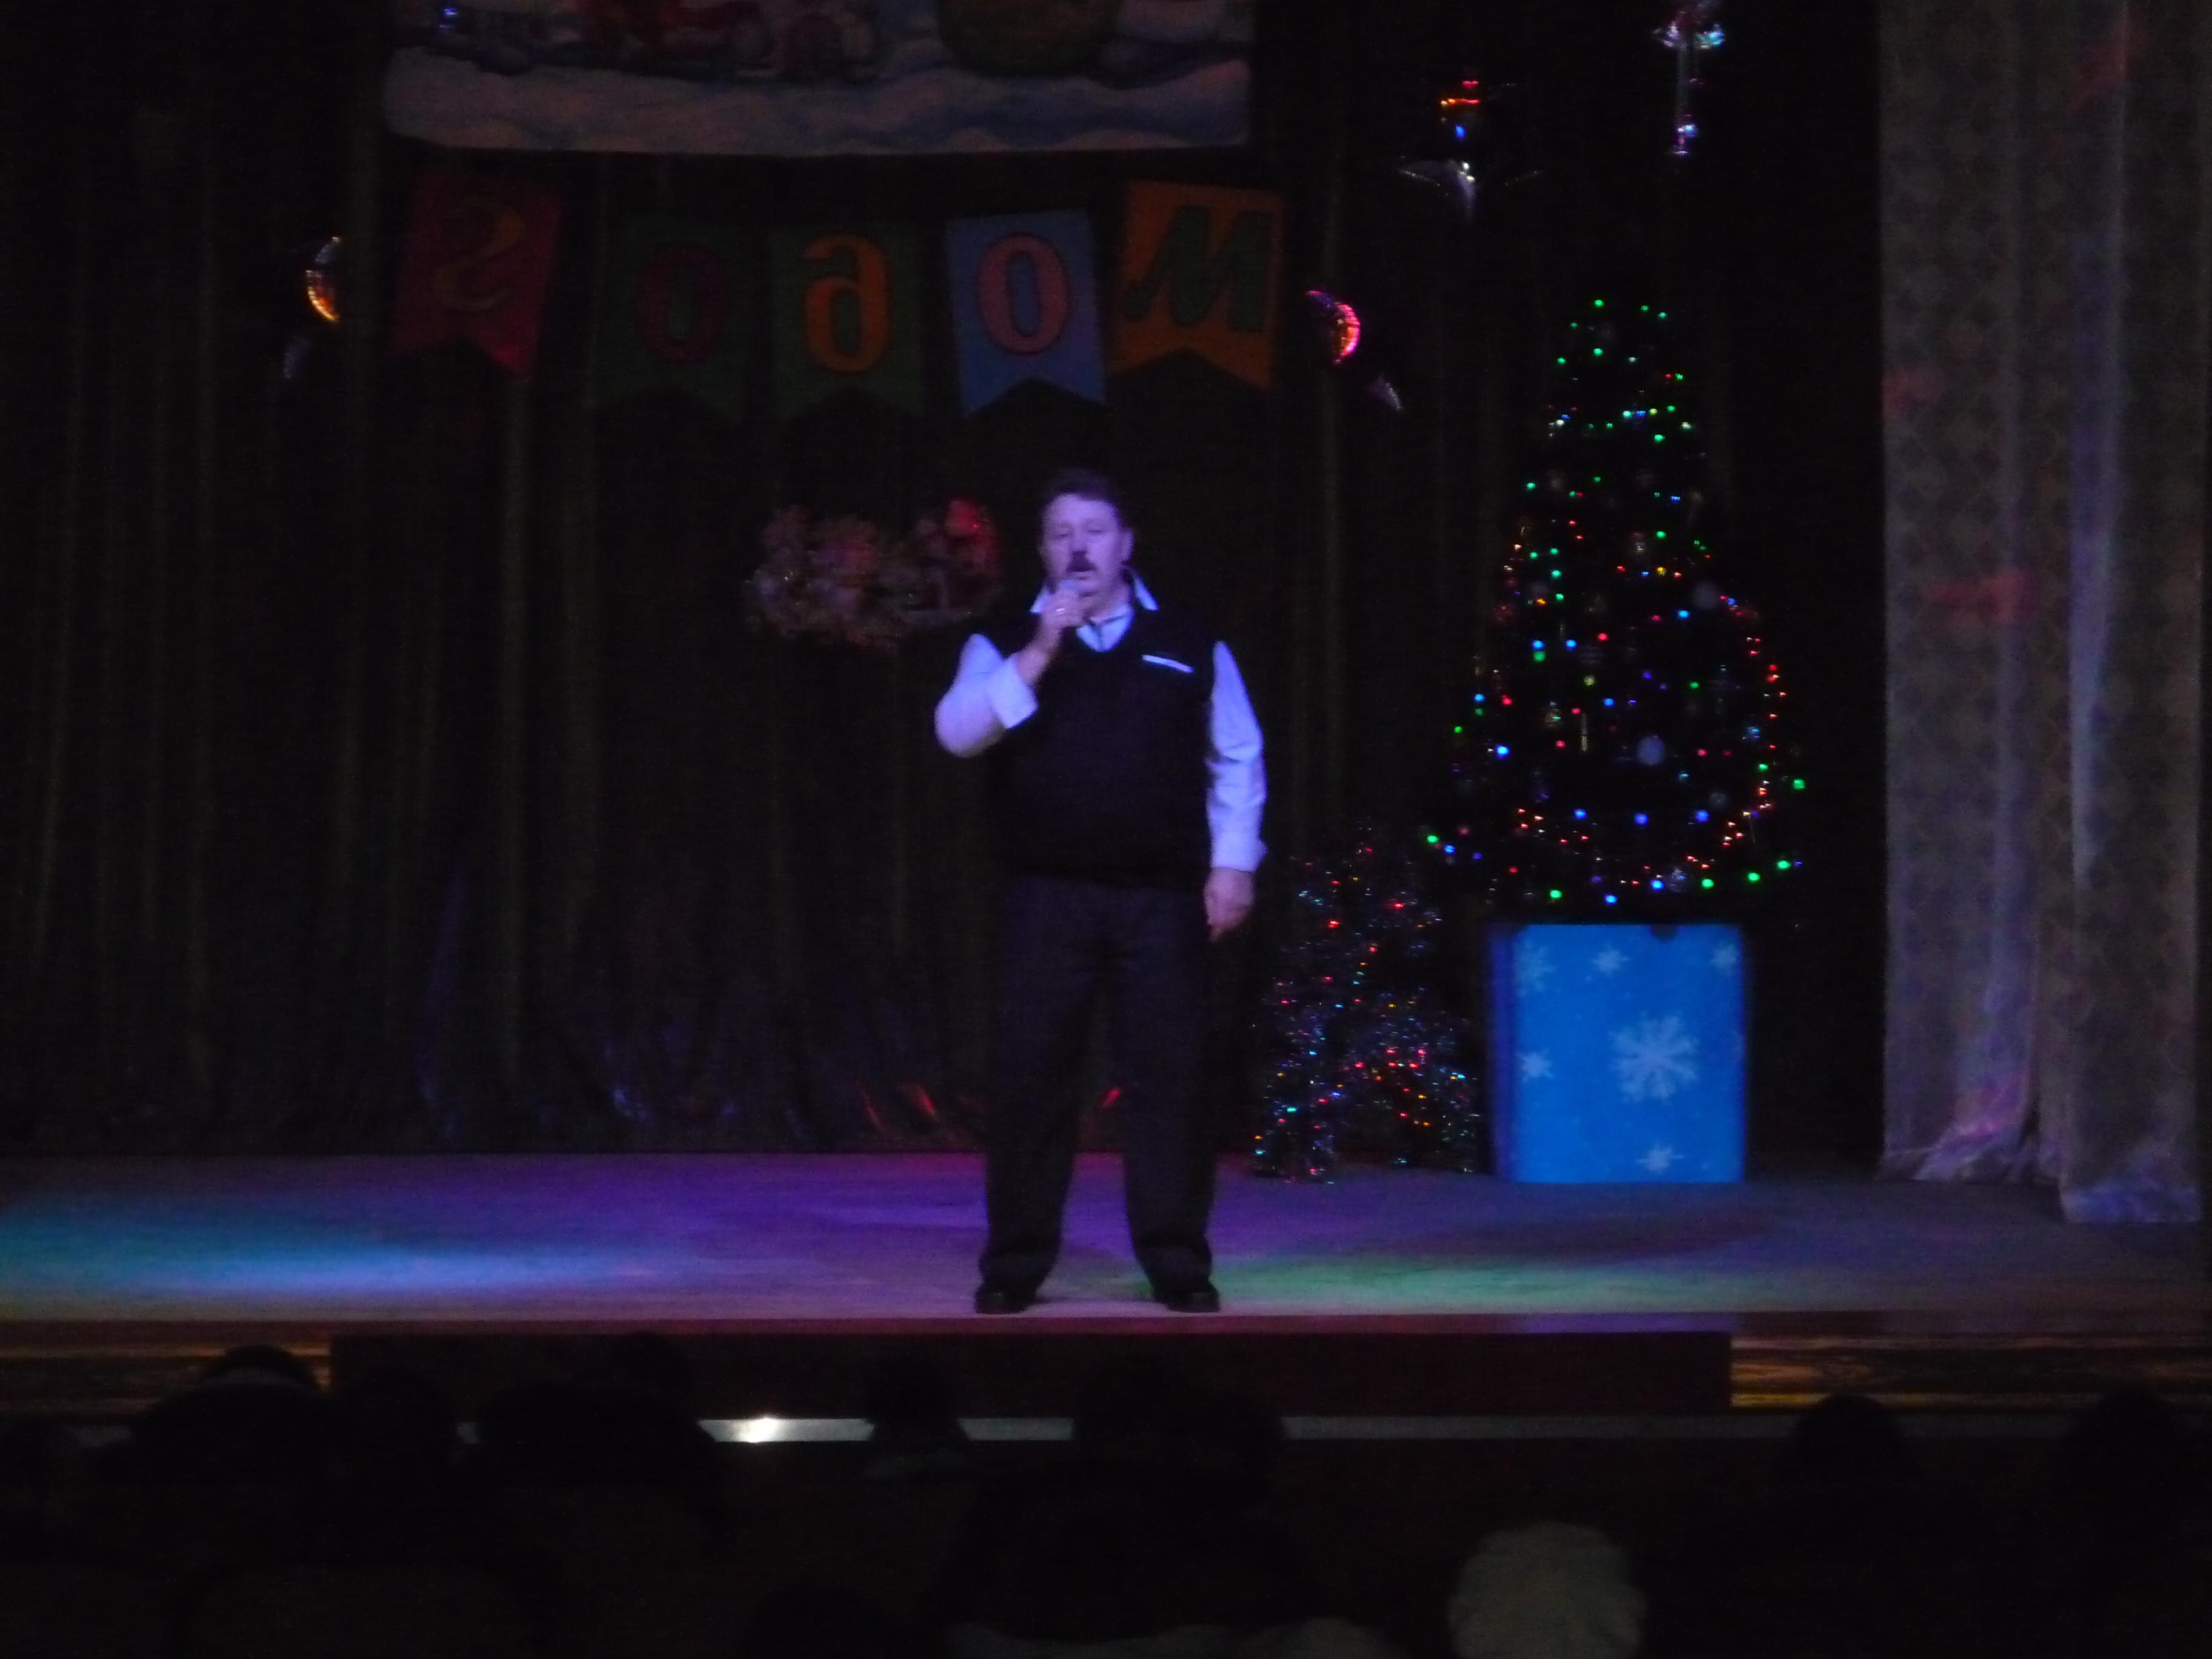 Изображение из альбома Концертно-развлекательная программа Новогодняя круговерть с конкурсной программой